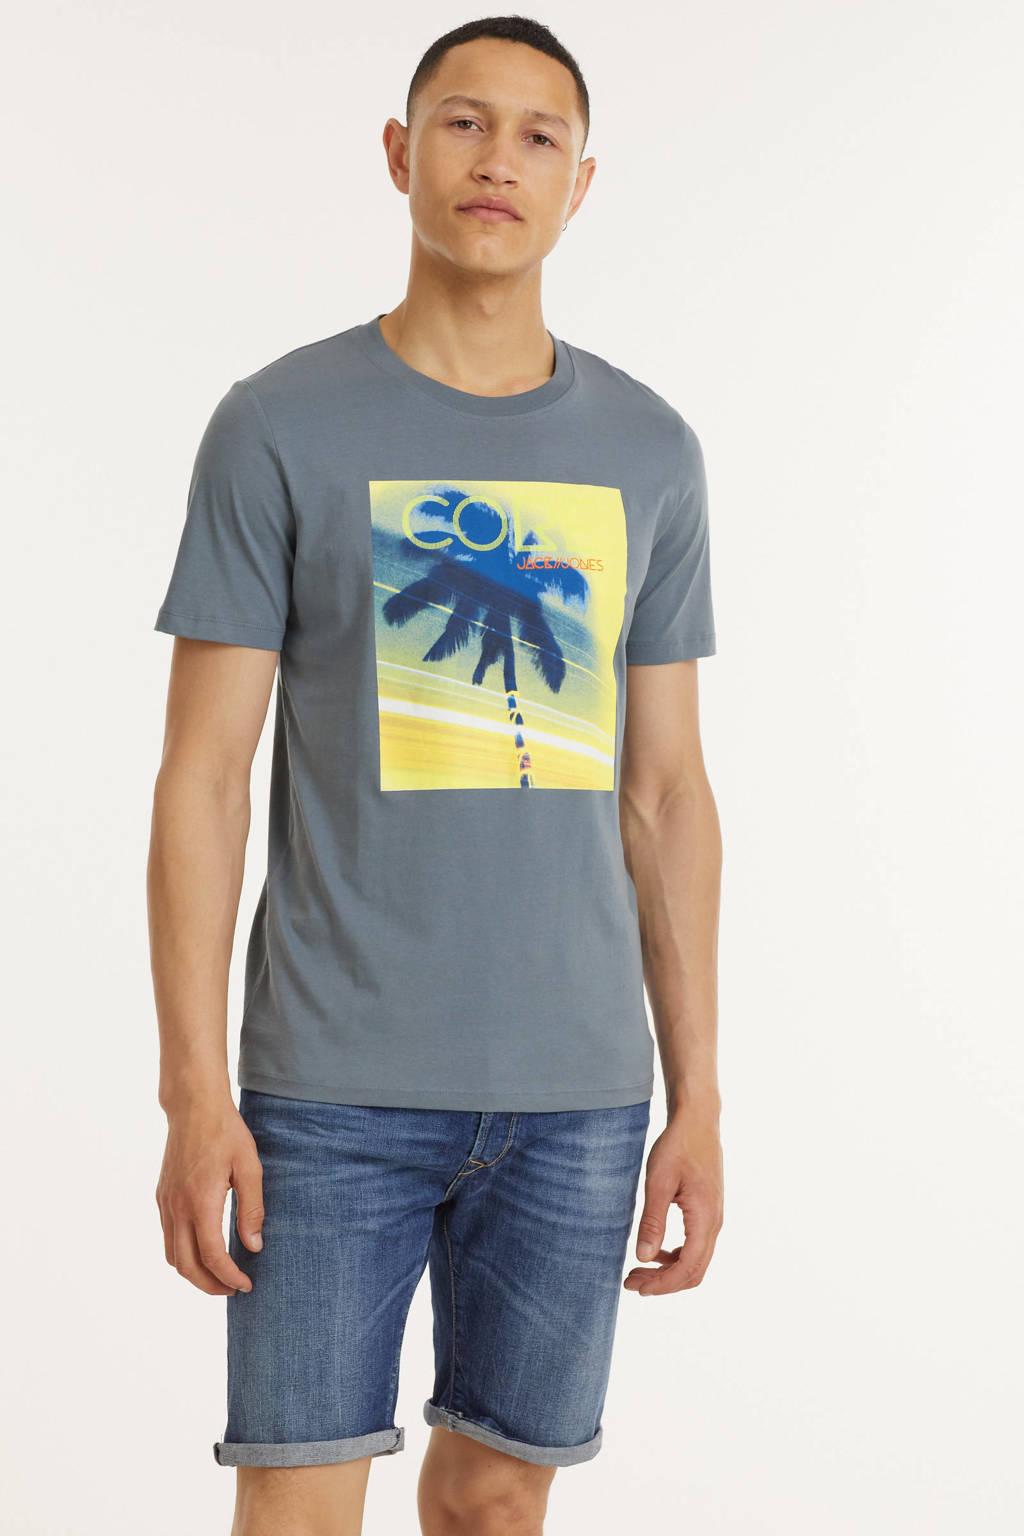 JACK & JONES CORE T-shirt met printopdruk grijsblauw, Grijsblauw